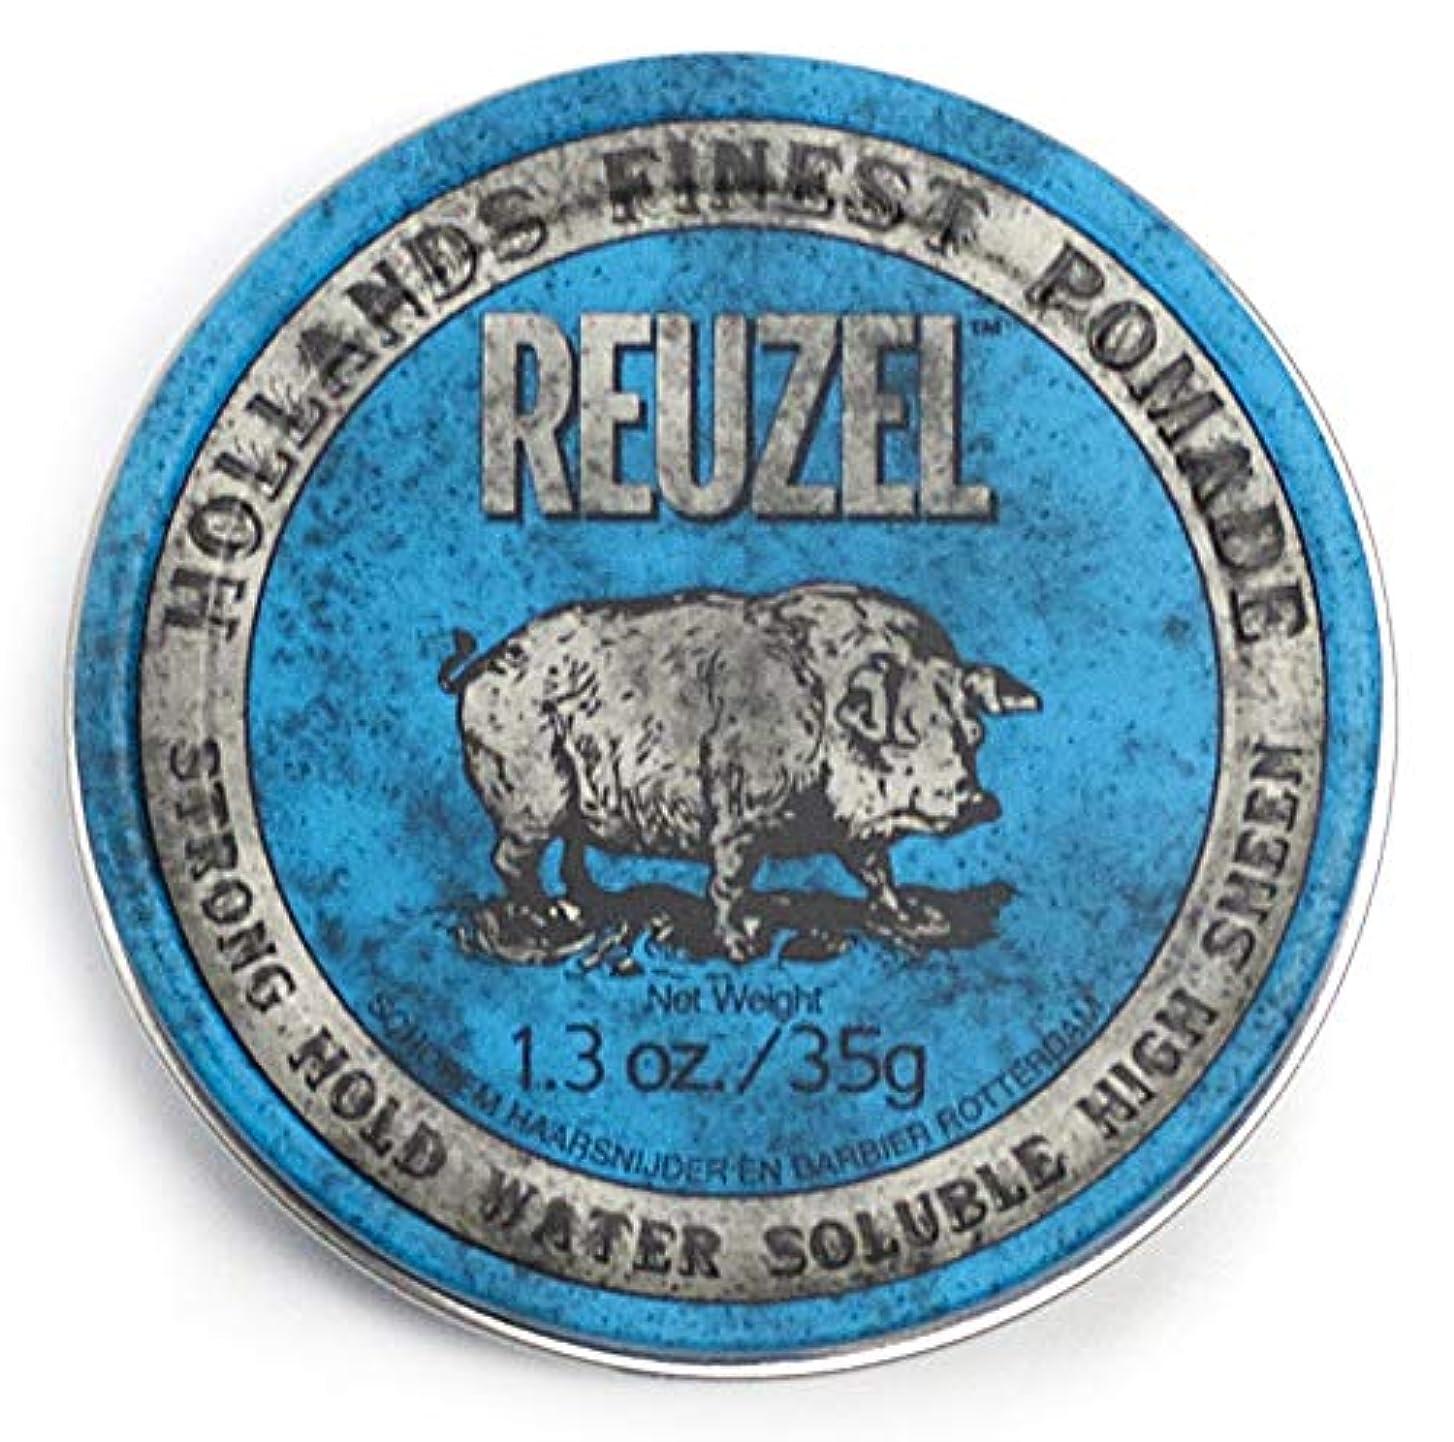 薬用合体旅ルーゾー ブル ストロングホールド ハイシーン ポマード Reuzel Blue Strong Hold Water Soluble High Sheen Pomade 35 g [並行輸入品]